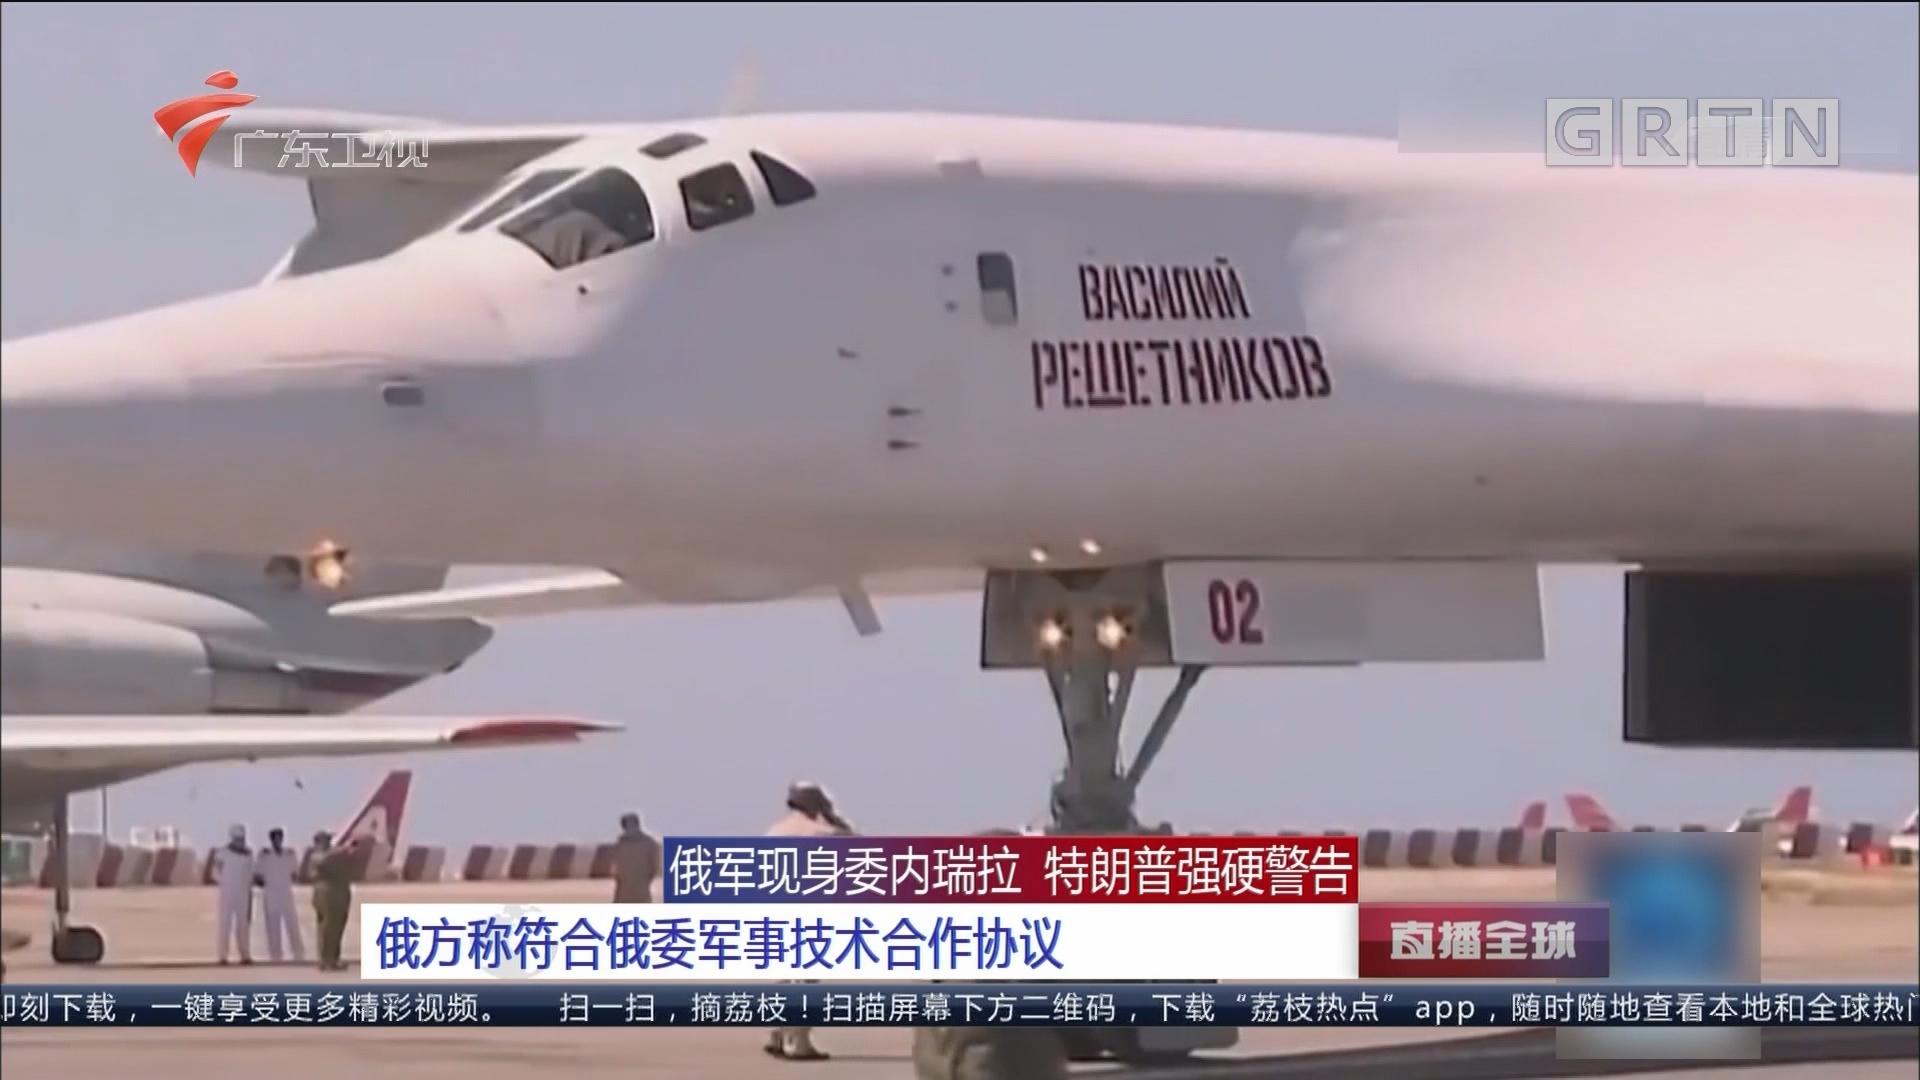 俄军现身委内瑞拉 特朗普强硬警告 俄方称符合俄委军事技术合作协议